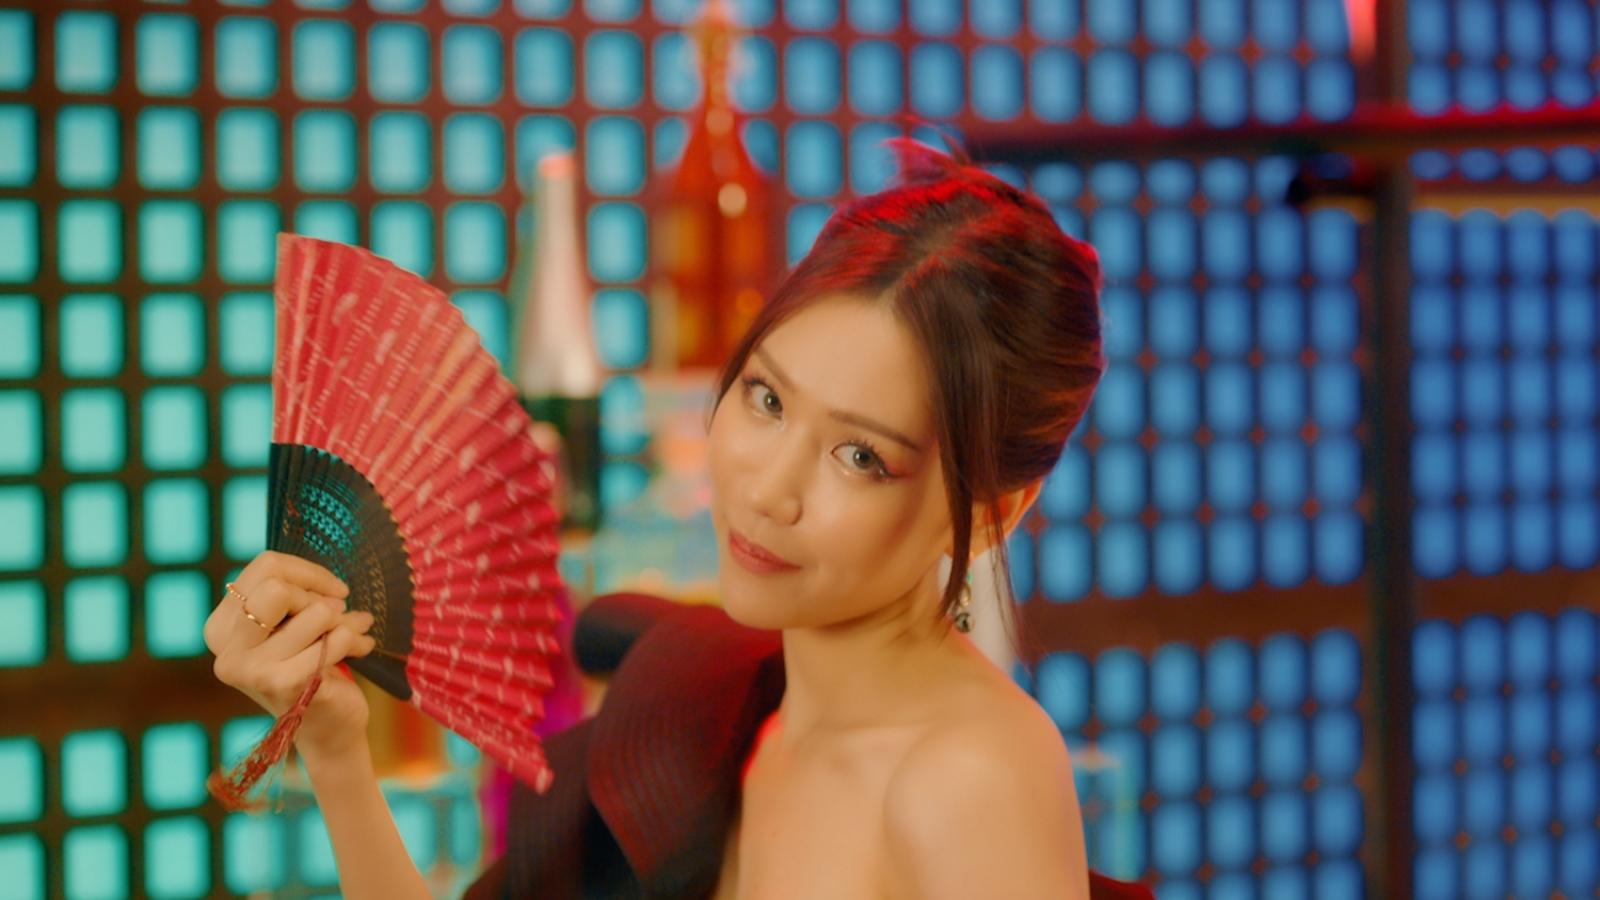 MIN gây tò mò với hình ảnh gợi cảm, kết hợp cùng bộ đôi giám khảo - thí sinh Rap Việt